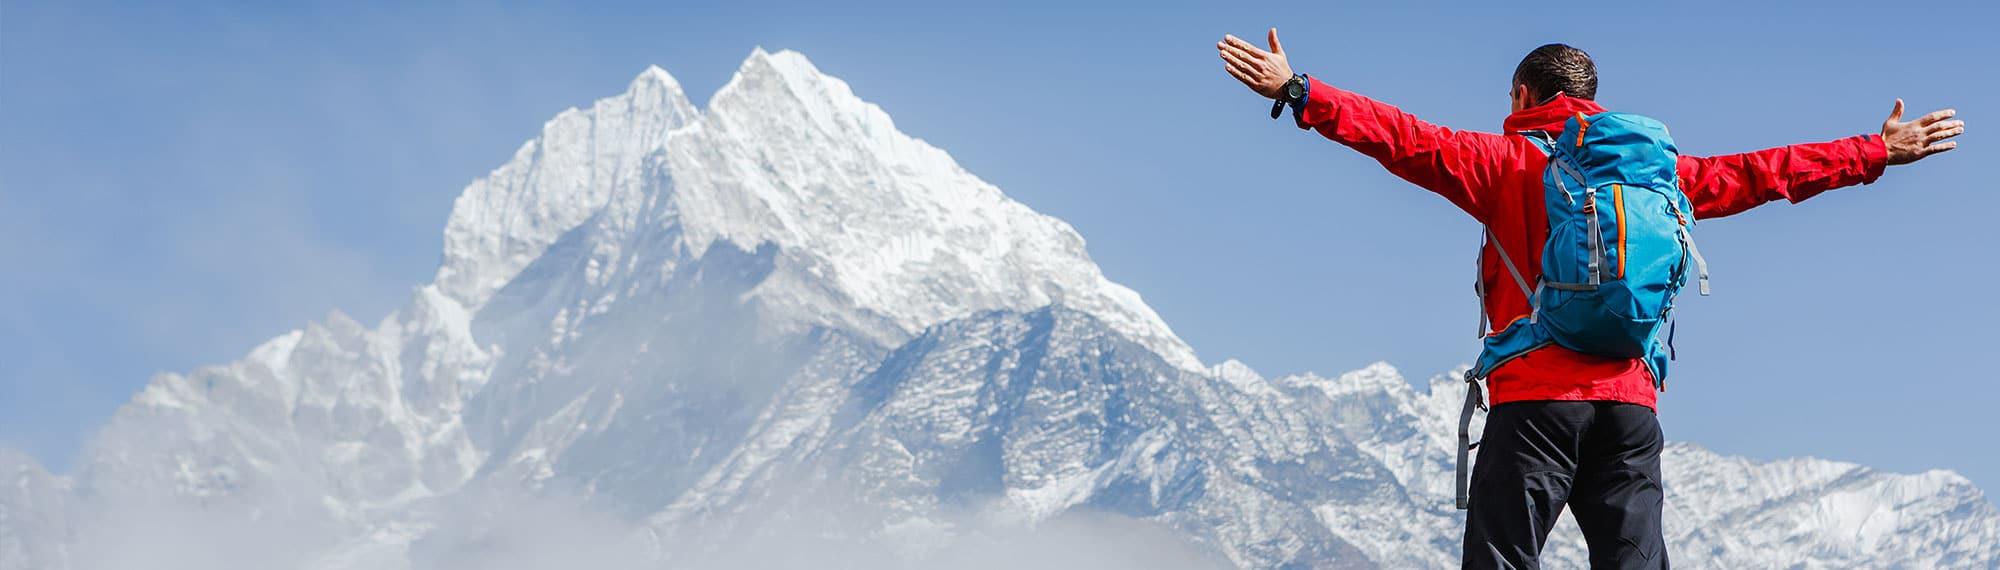 Wanderer mit Rucksack steht vor einem Berg und breitet die Arme aus